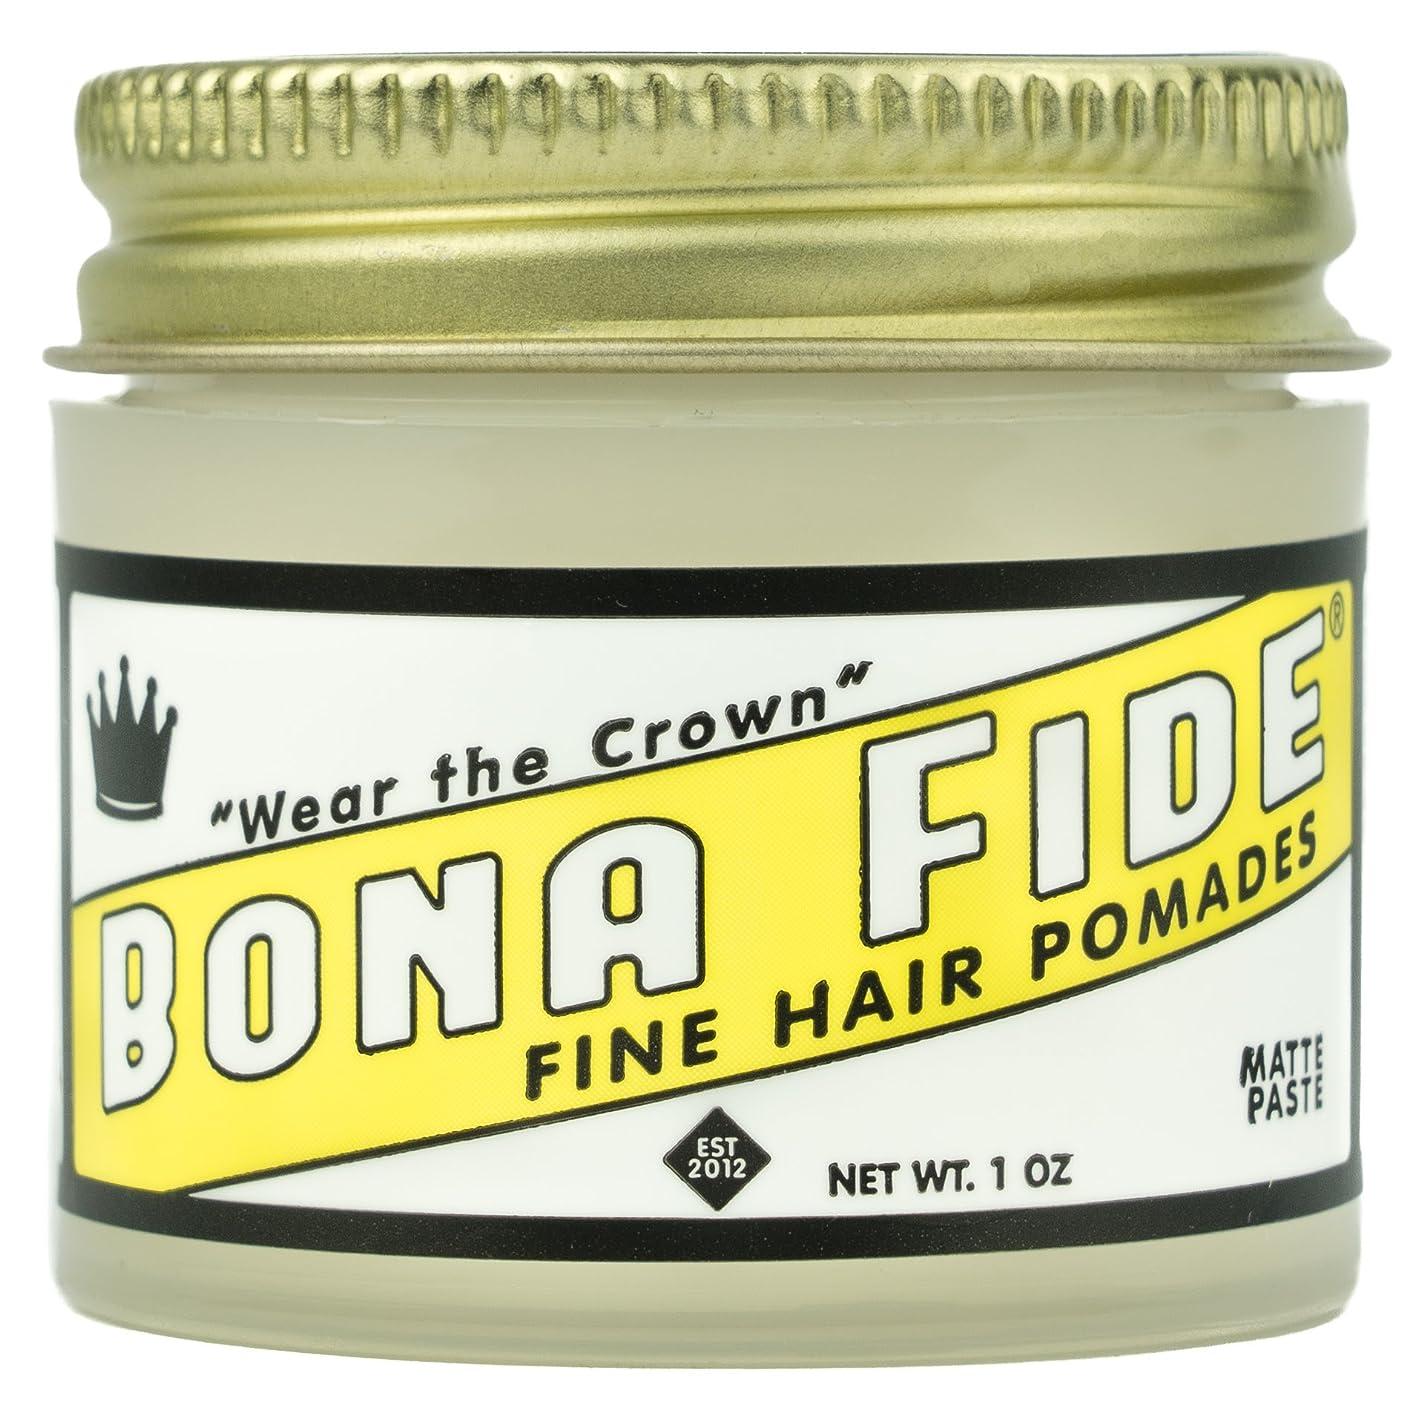 中で検出ふりをするBona Fide Pomade, マットペースト 1oz (28g) / トラベルサイズ,水性/グリース